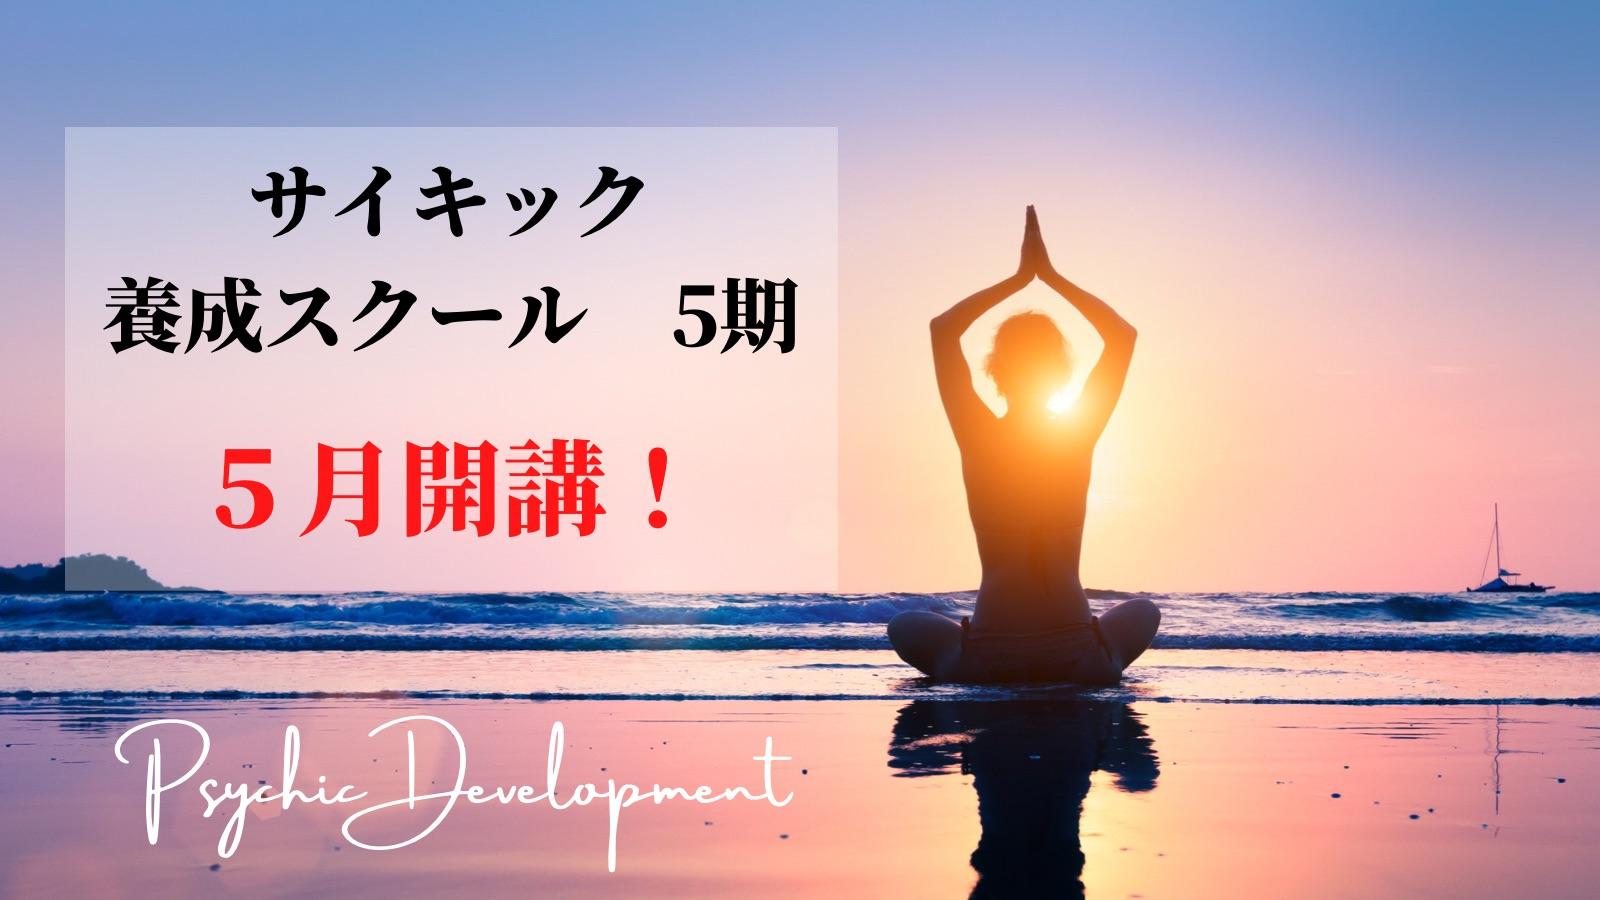 【5期生受付中】5月開講!! サイキック養成スクール・オンライン